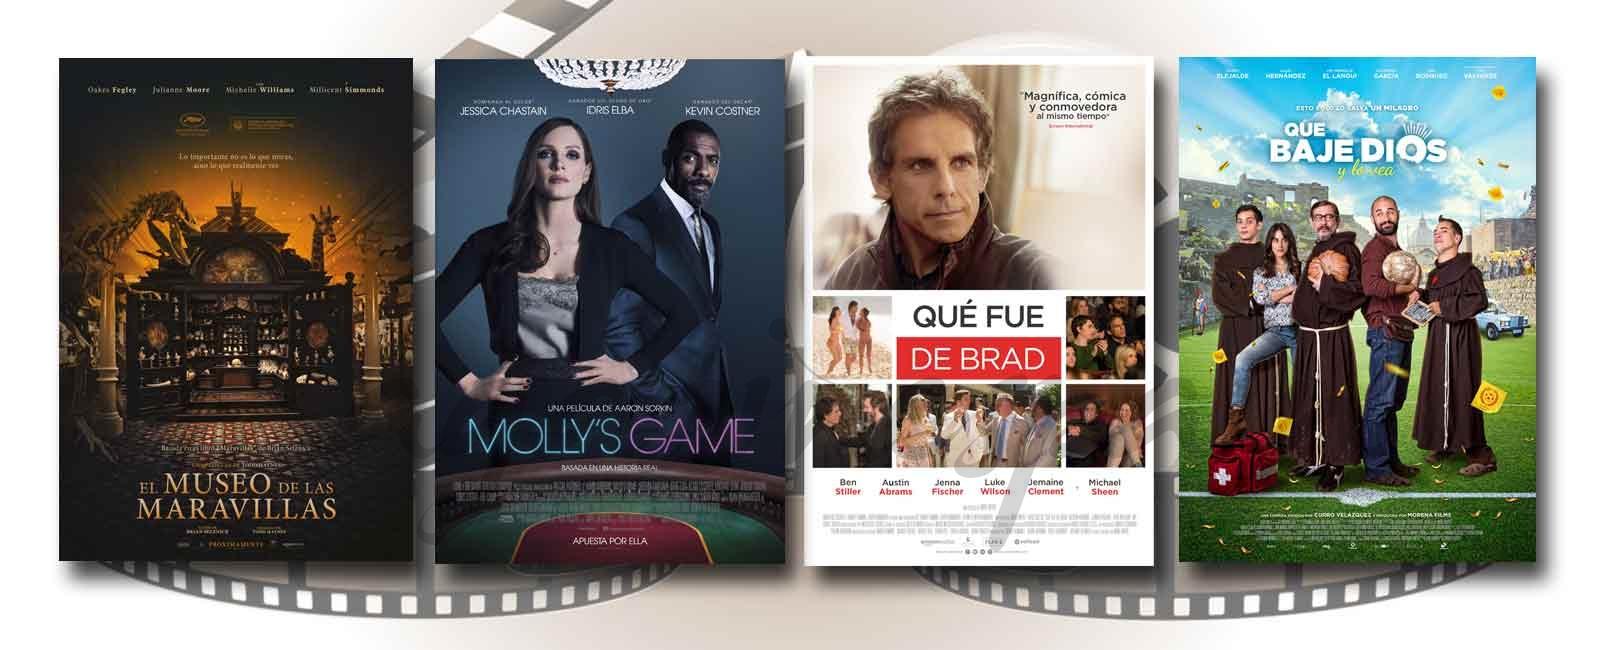 Estrenos de Cine de la Semana… 5 de Enero 2018